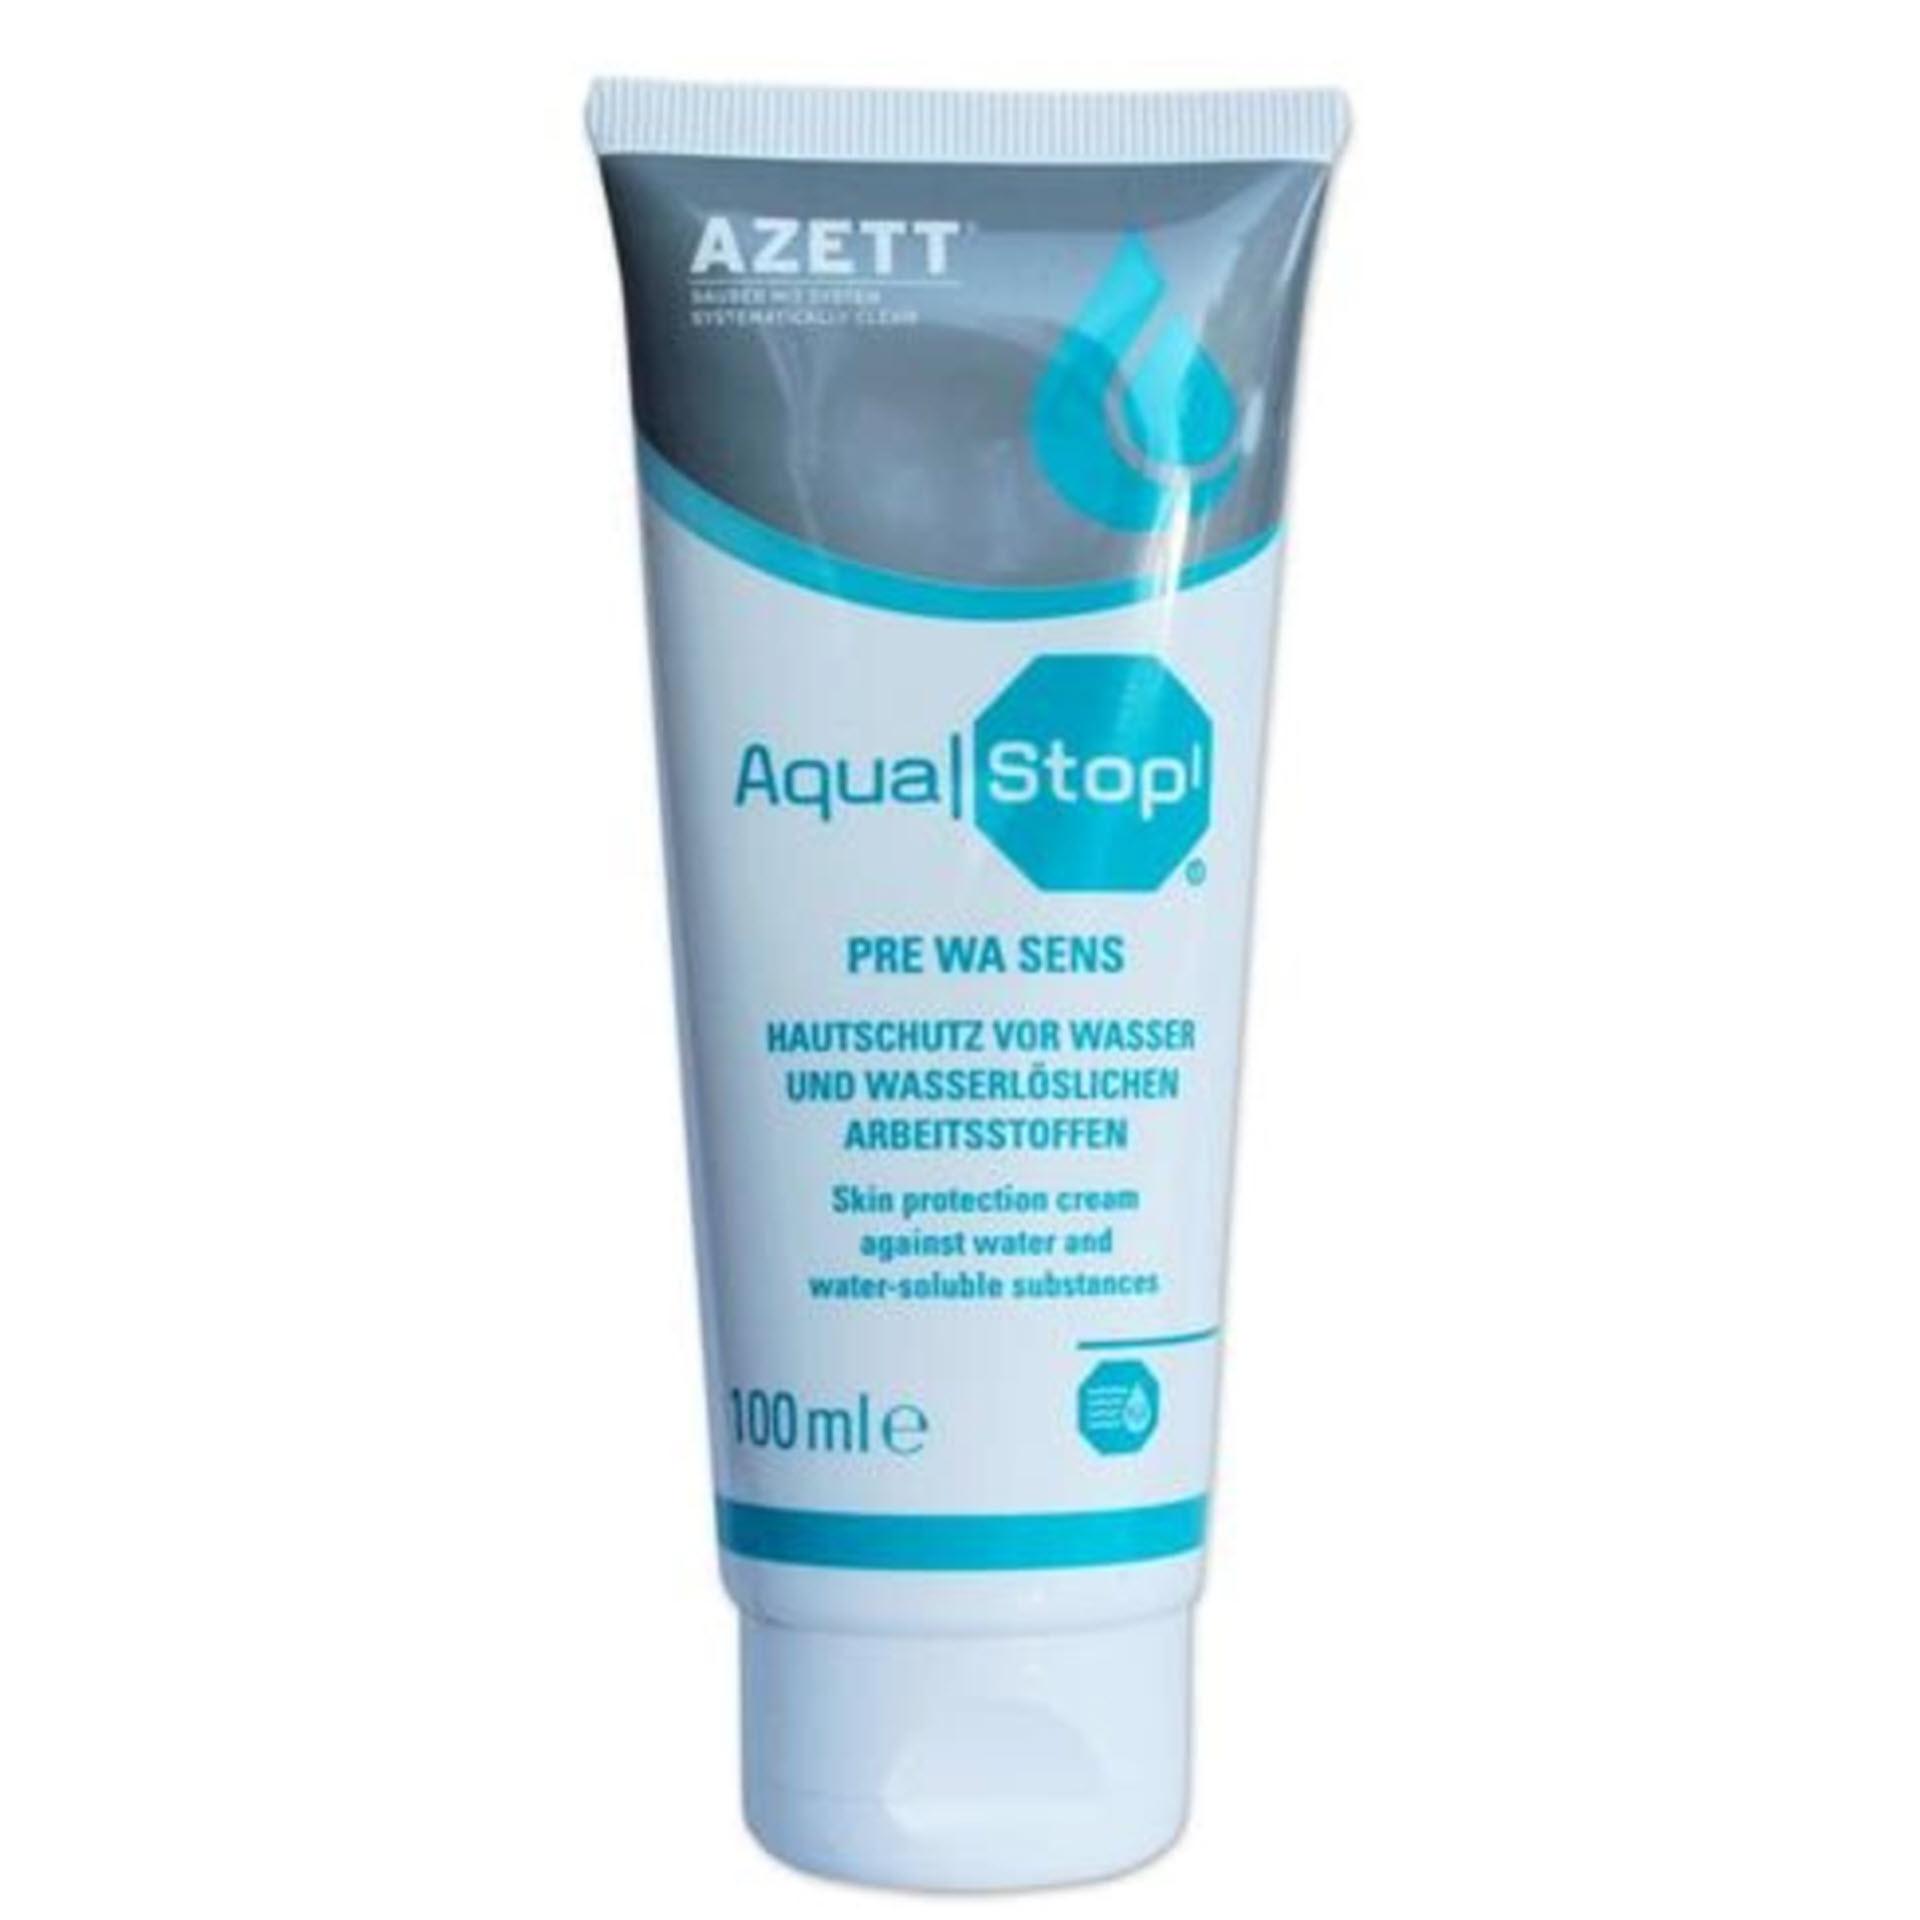 Azett AquaStop / Pre Wa Sens Hautschutzcreme - 100 ml Tube - 915000011